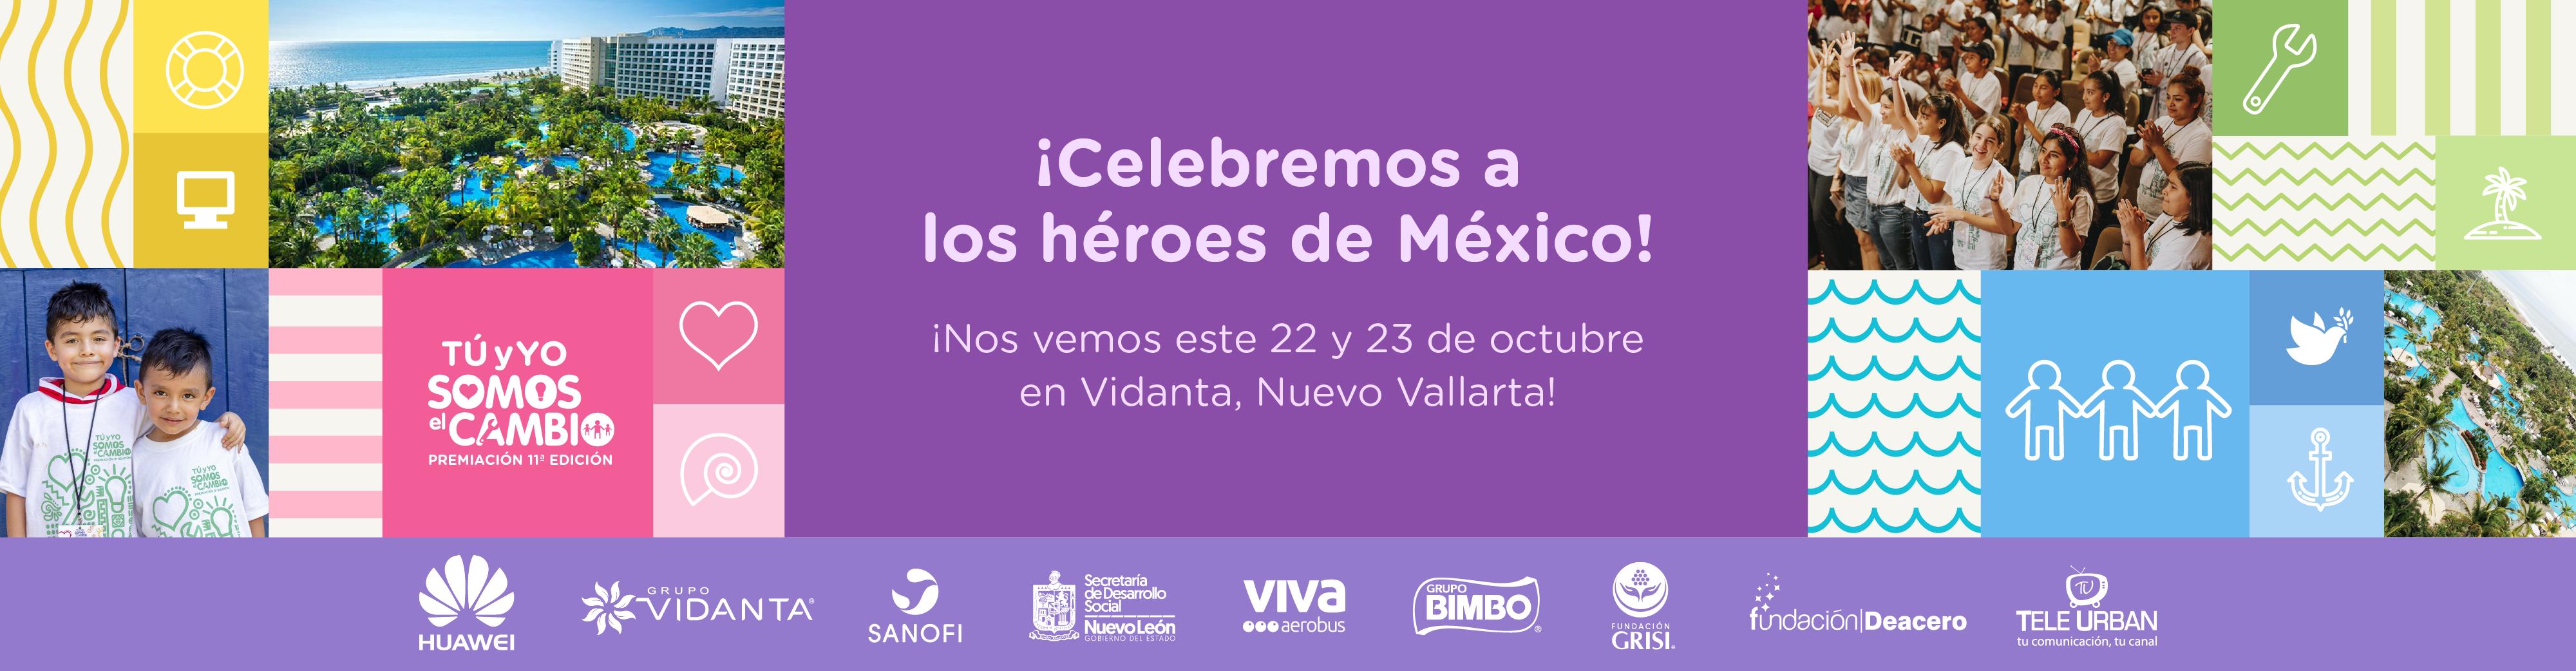 ¡Celebremos a los héroes de México!